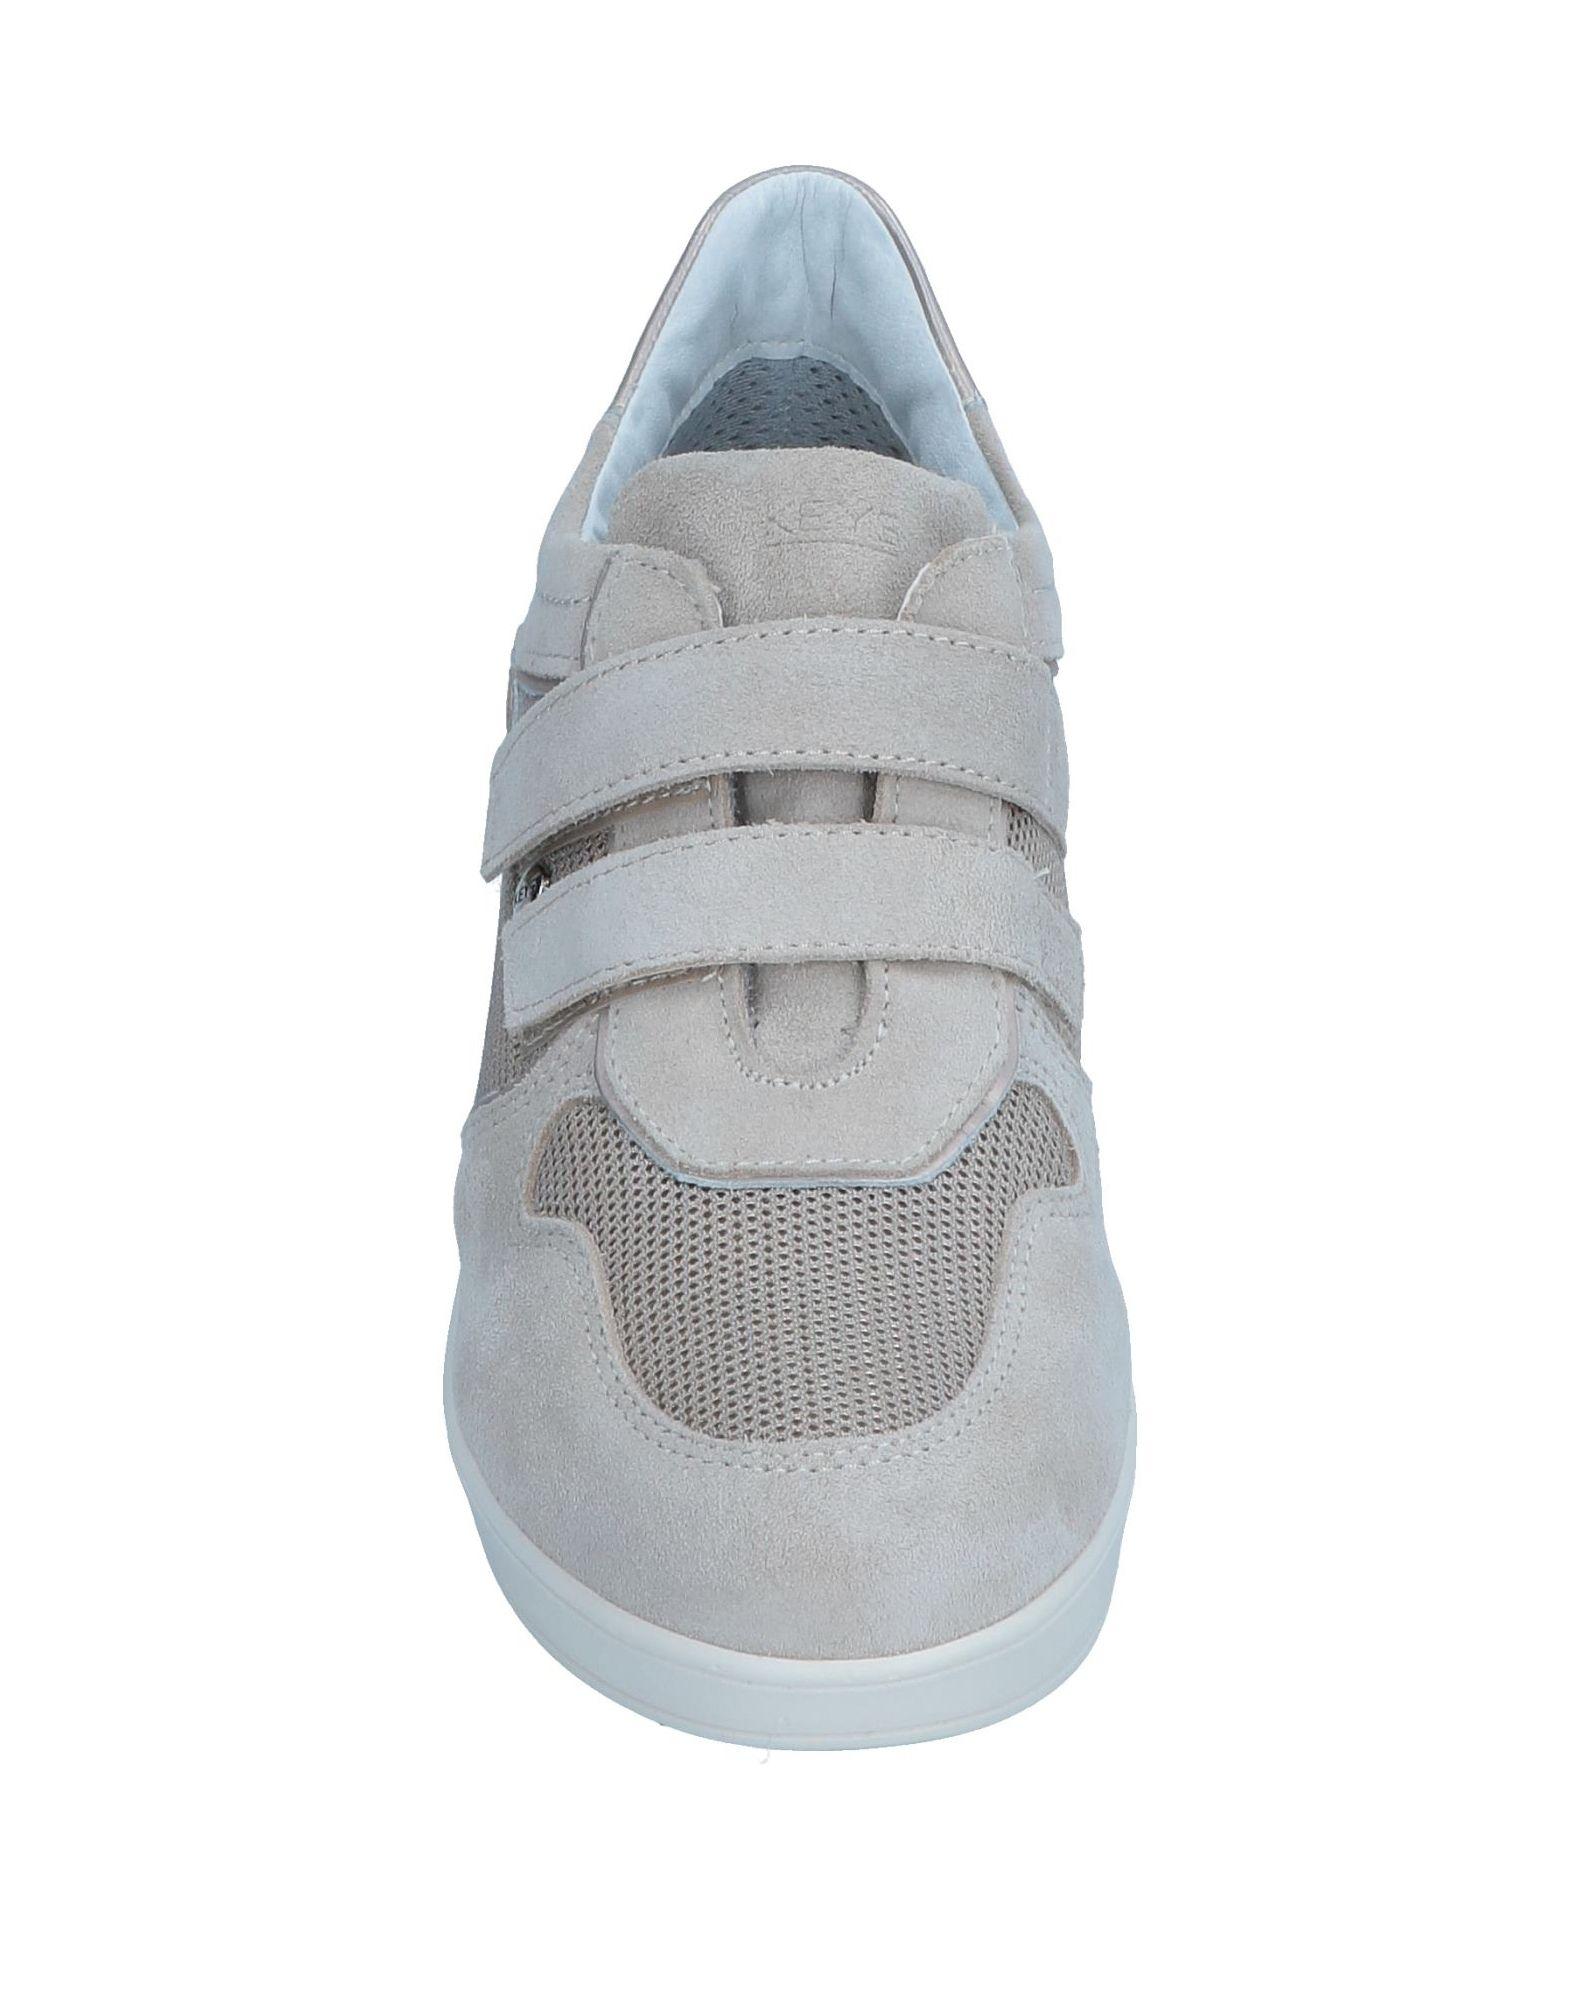 Keys Sneakers Gute Damen  11549148KX Gute Sneakers Qualität beliebte Schuhe d890d5